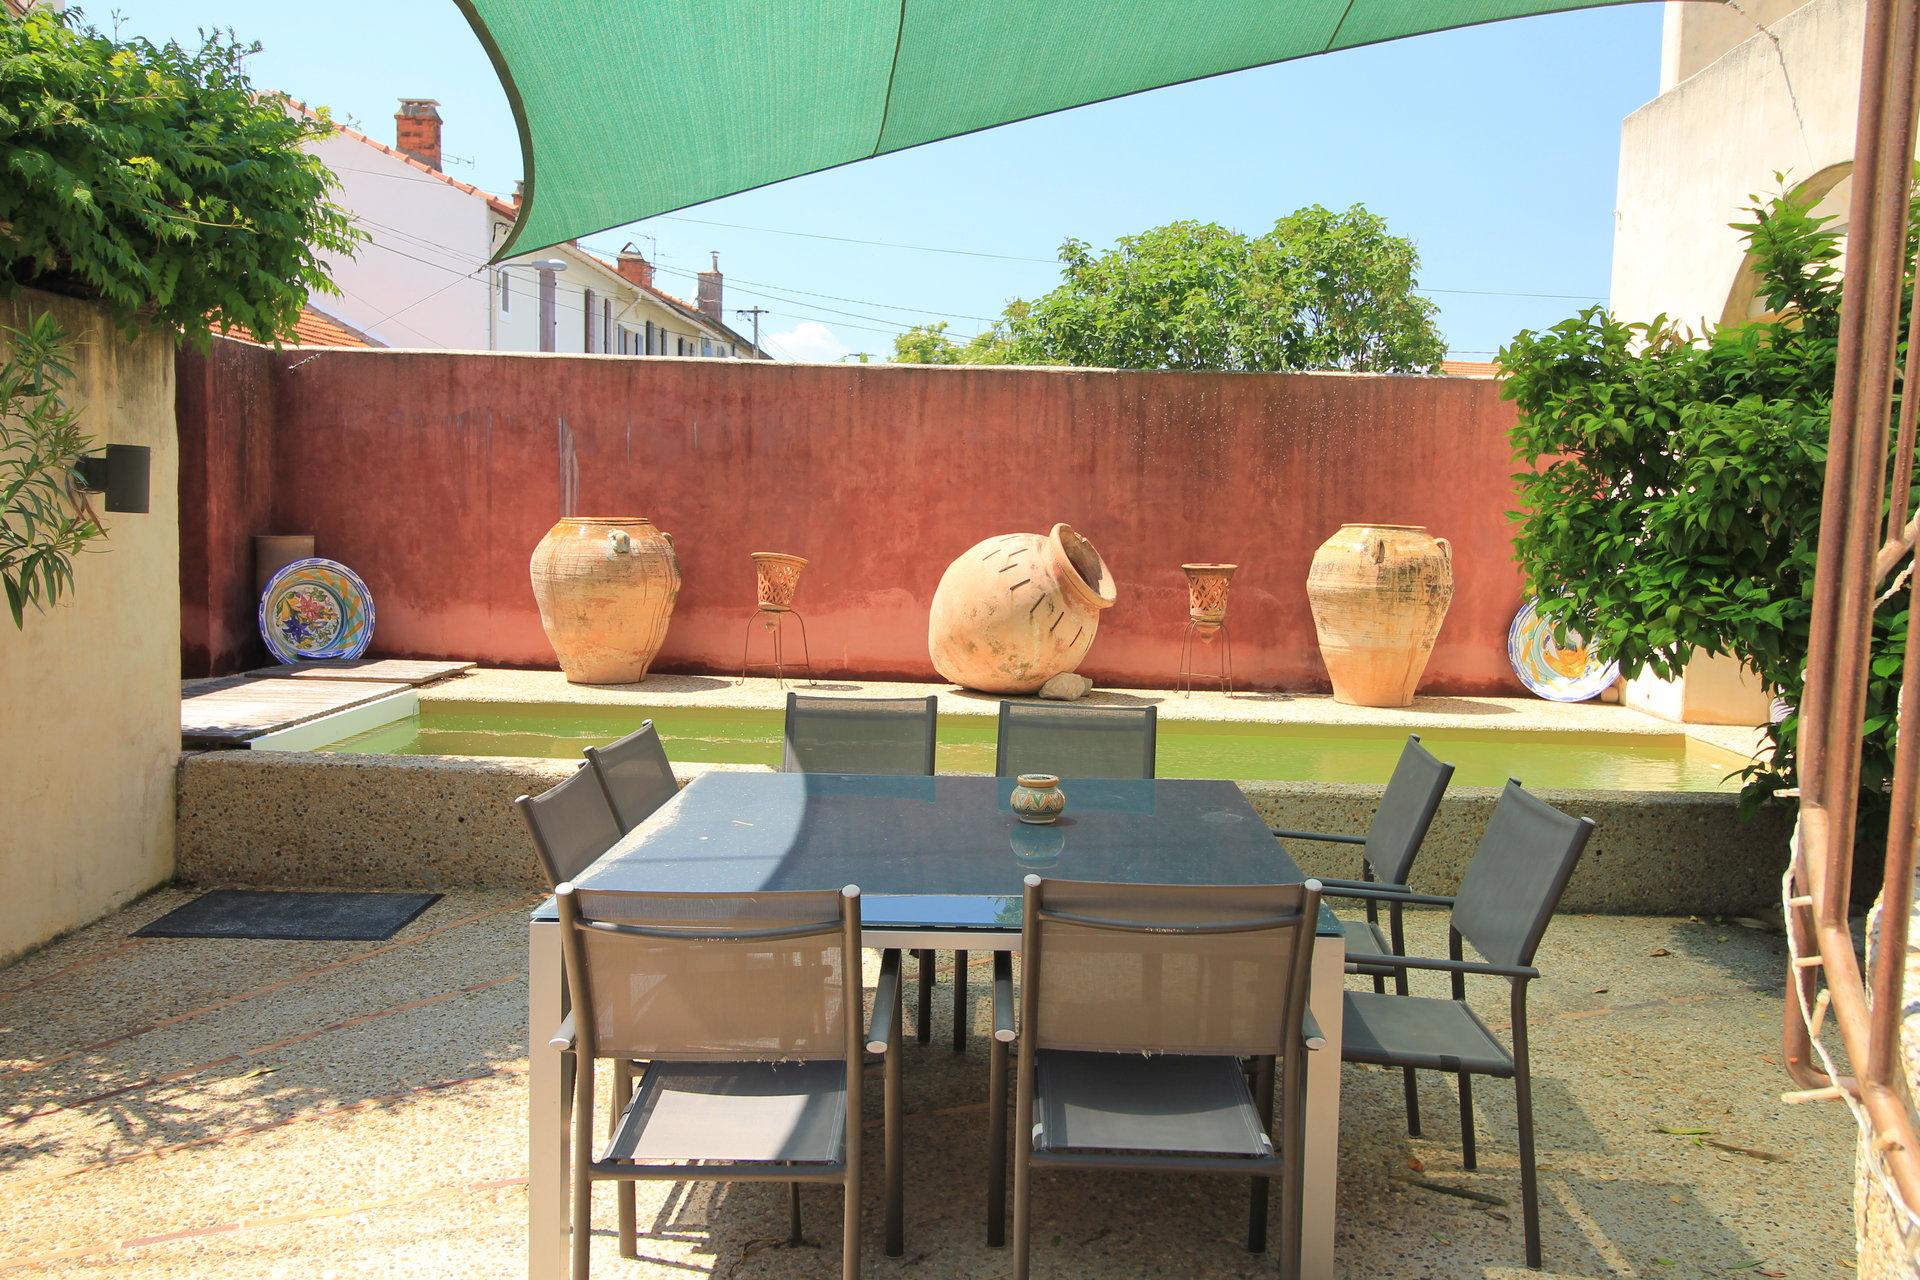 Vente maison Arles proche centre ville